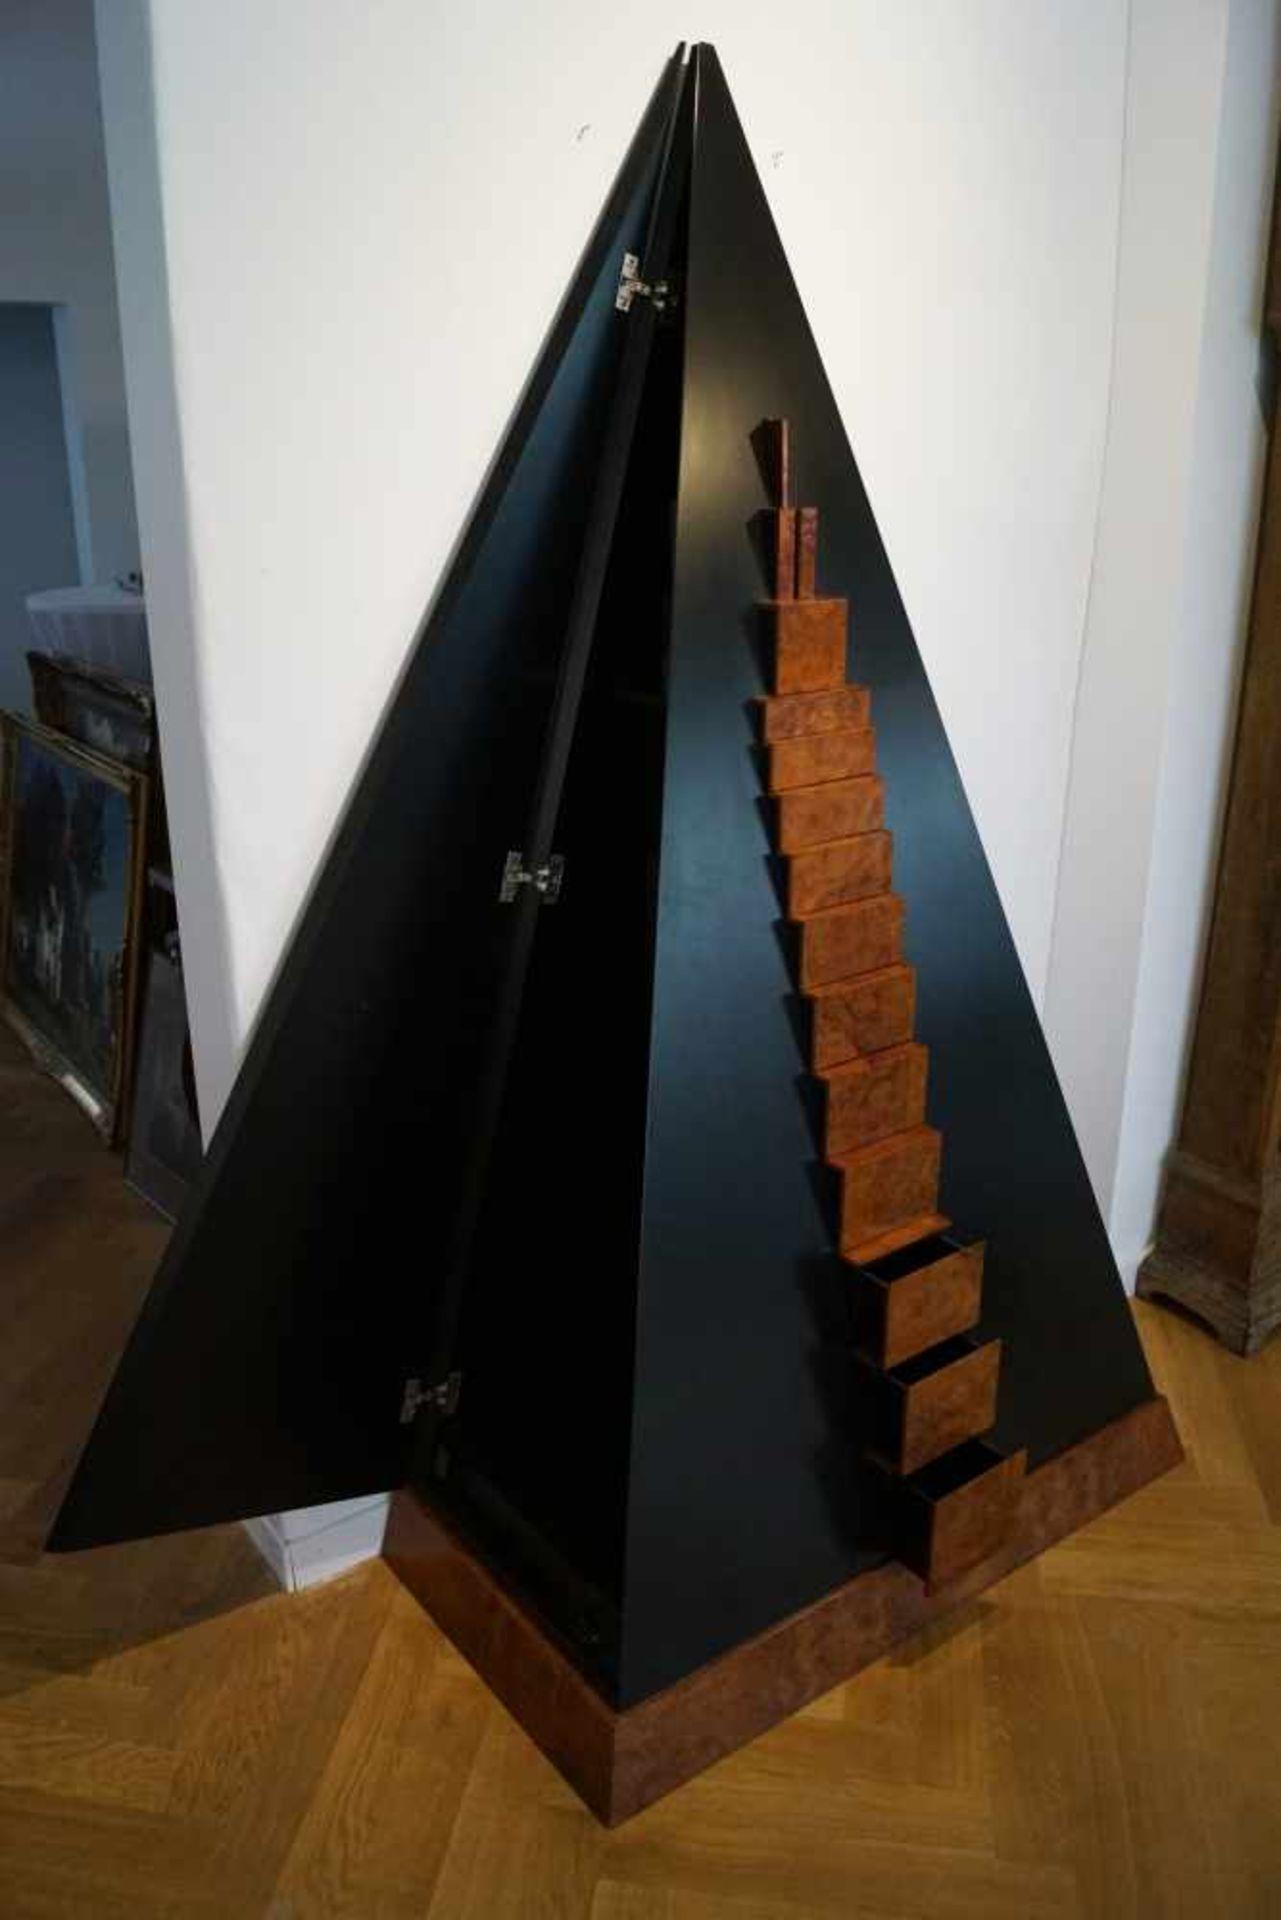 Pyramidenschrank, Andreas Weisheit (1937 - 2000) Pyramidenschrank, Thujawurzelholz und in - Bild 3 aus 3